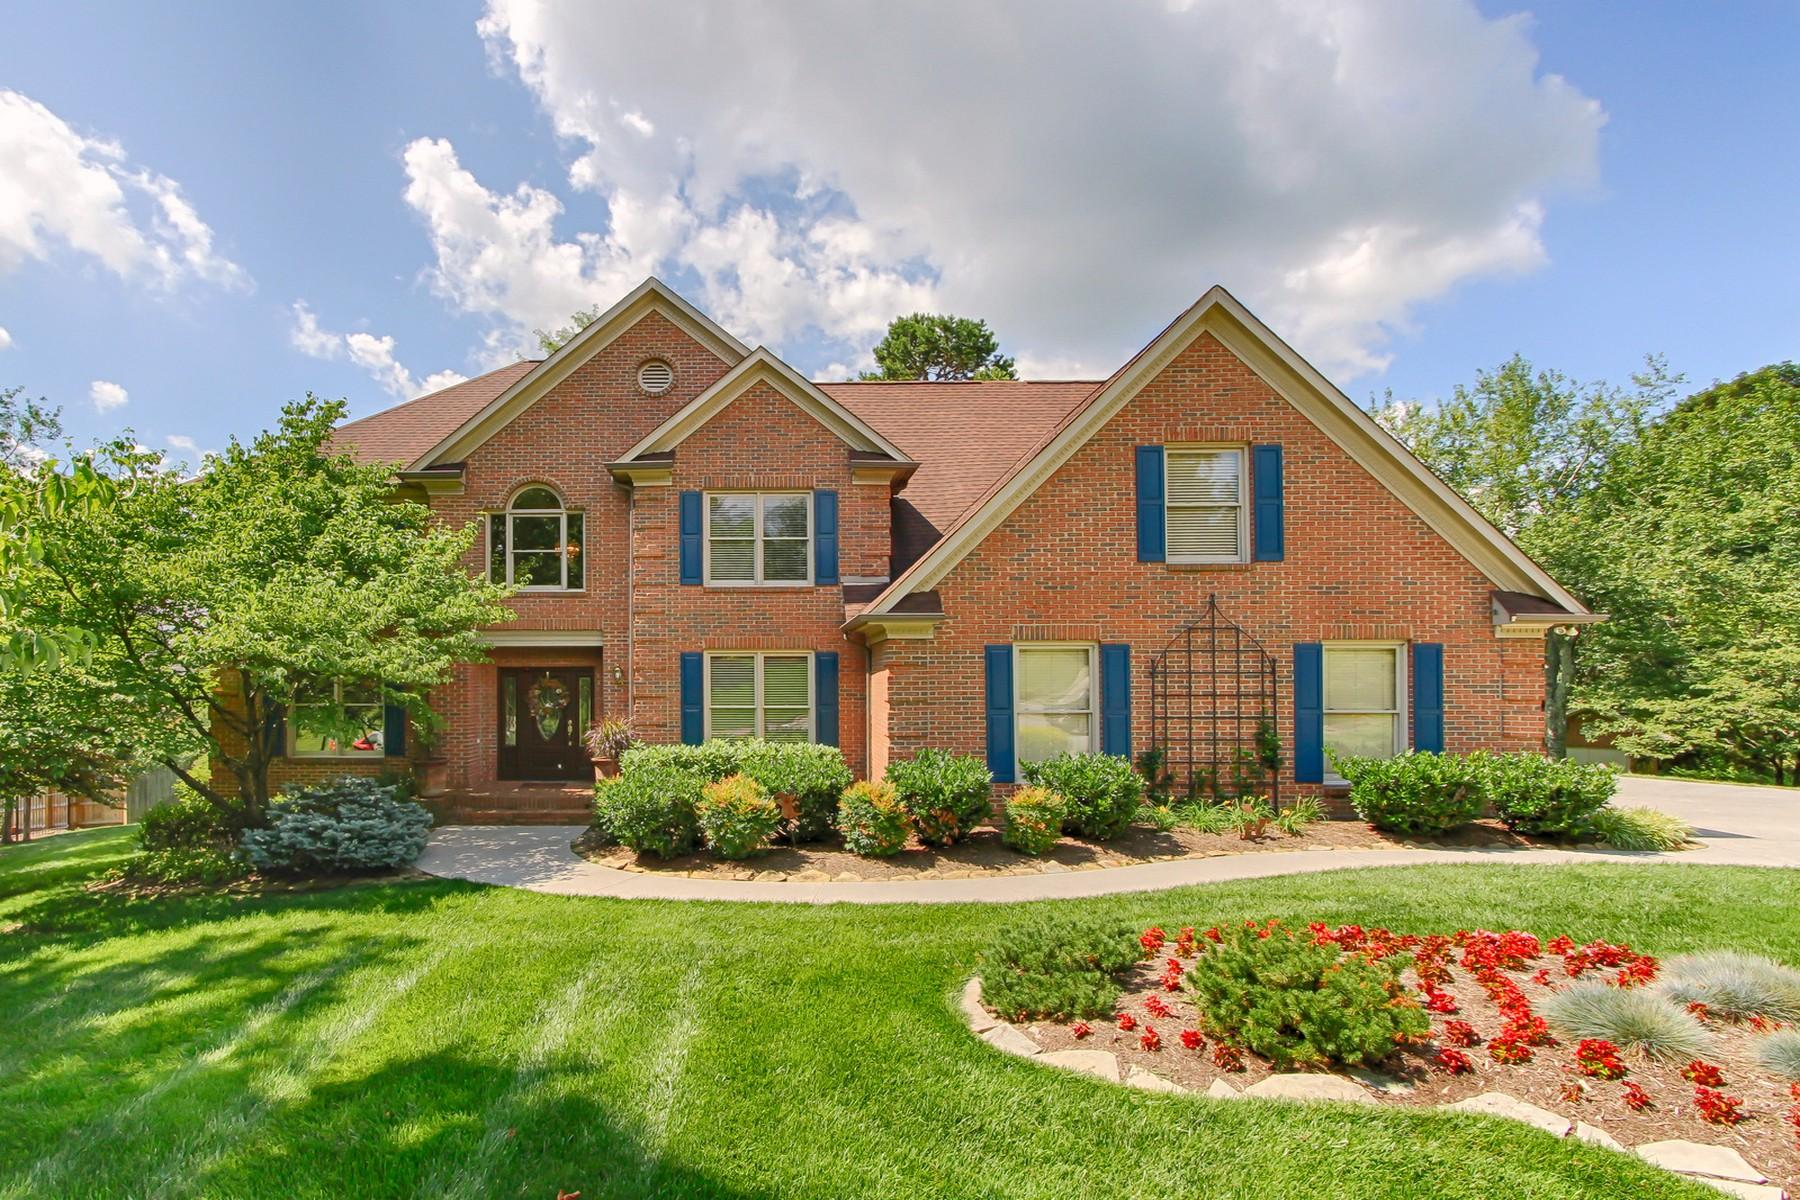 Maison unifamiliale pour l Vente à Beautiful 2 Story All Brick Home 605 Werndl Drive Knoxville, Tennessee, 37934 États-Unis